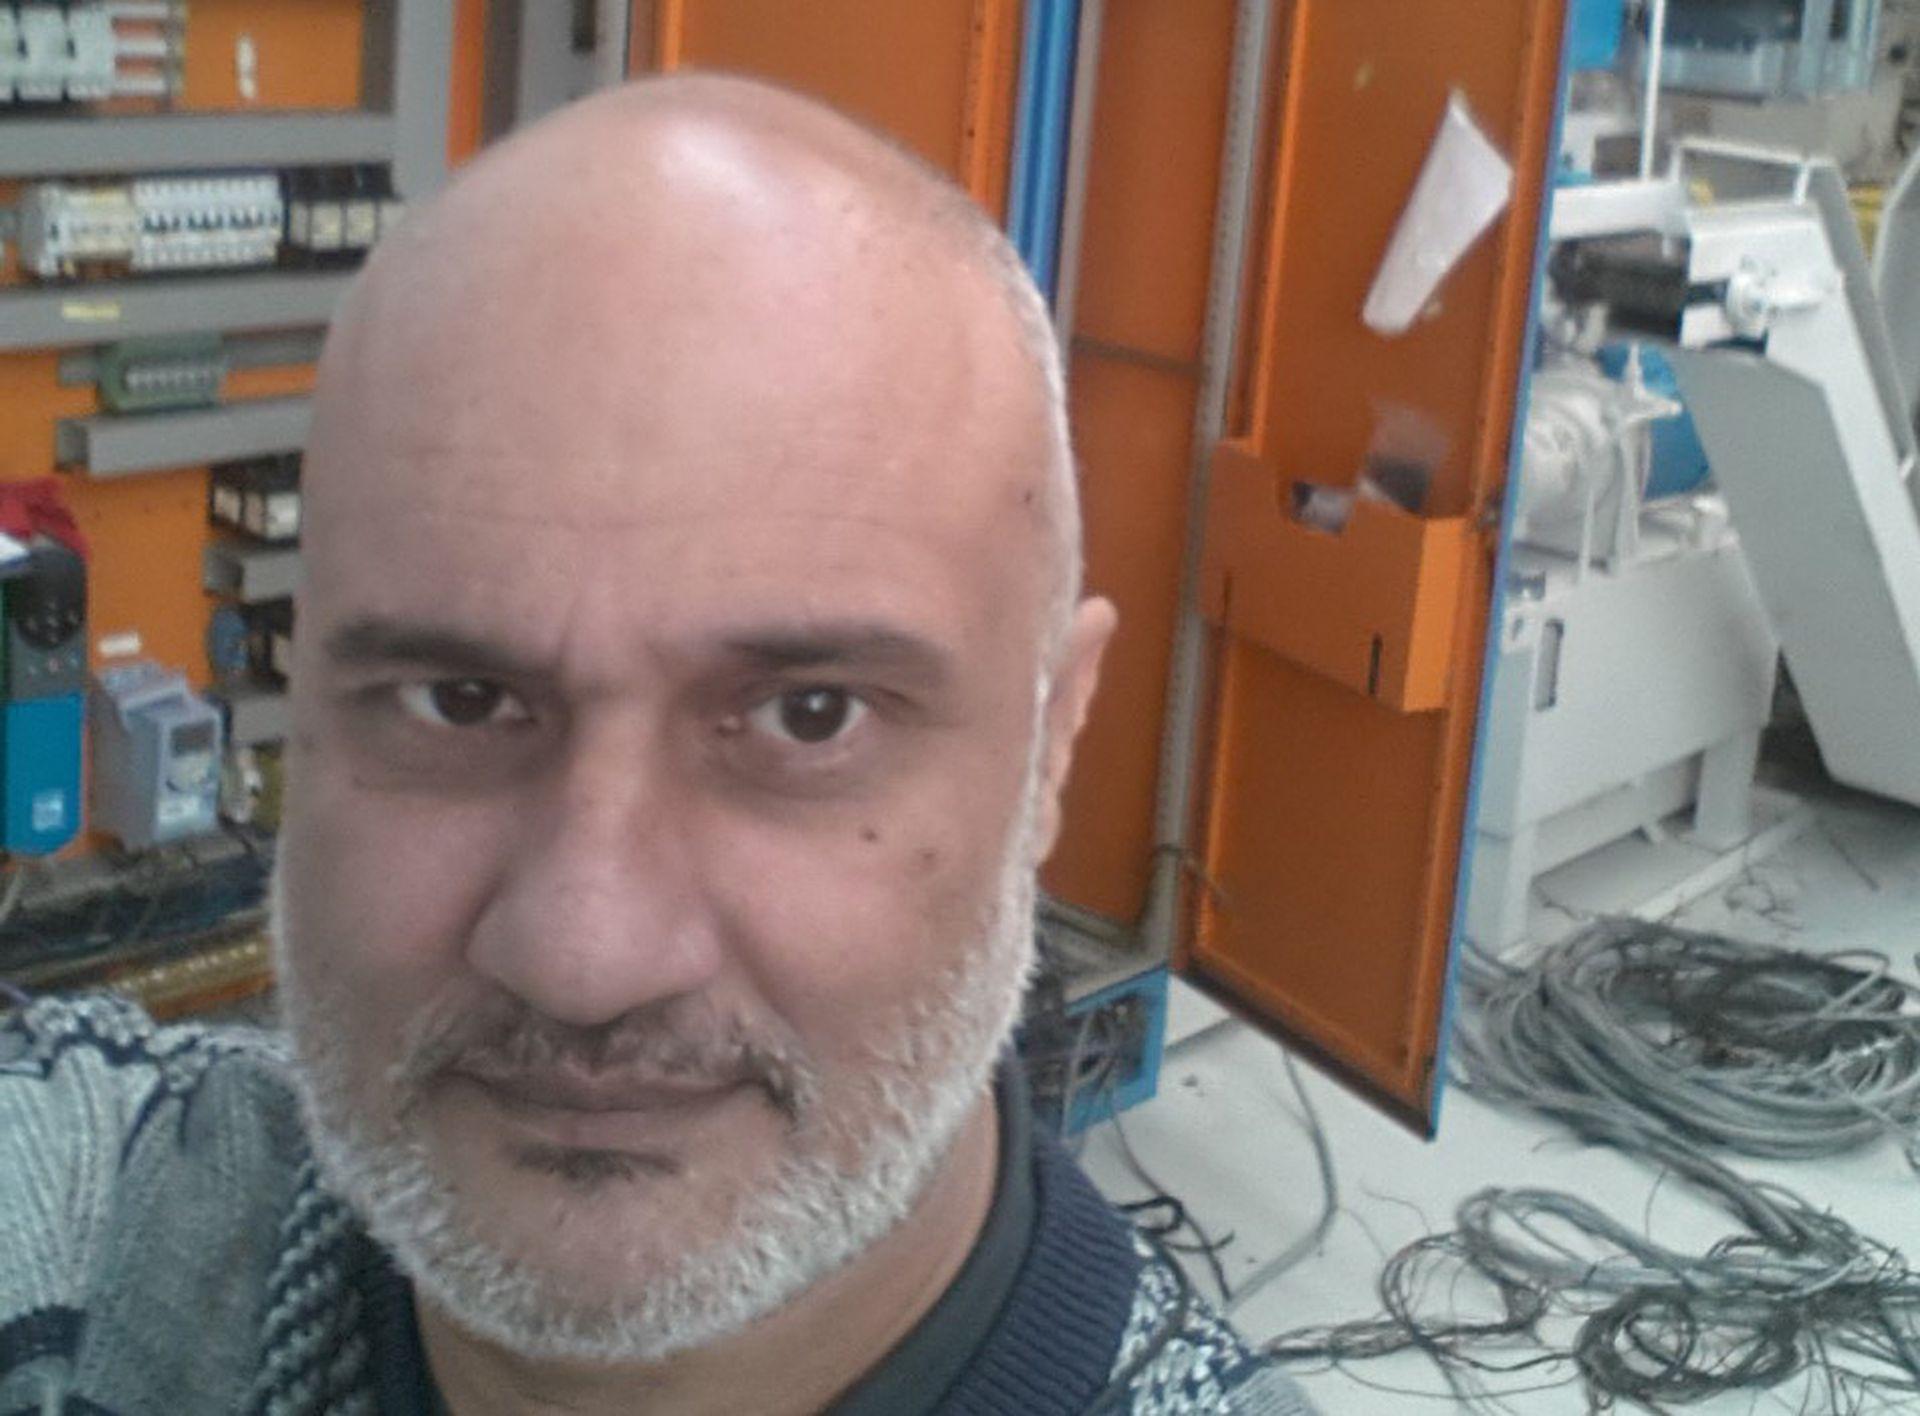 Selfie antes de la cuarentena, durante una de las jornadas laborales de Marcelo Solano. Ahora, imposibilitado de trabajar, espera cobrar el Ingreso Familiar de Emergencia para comprar alimentos